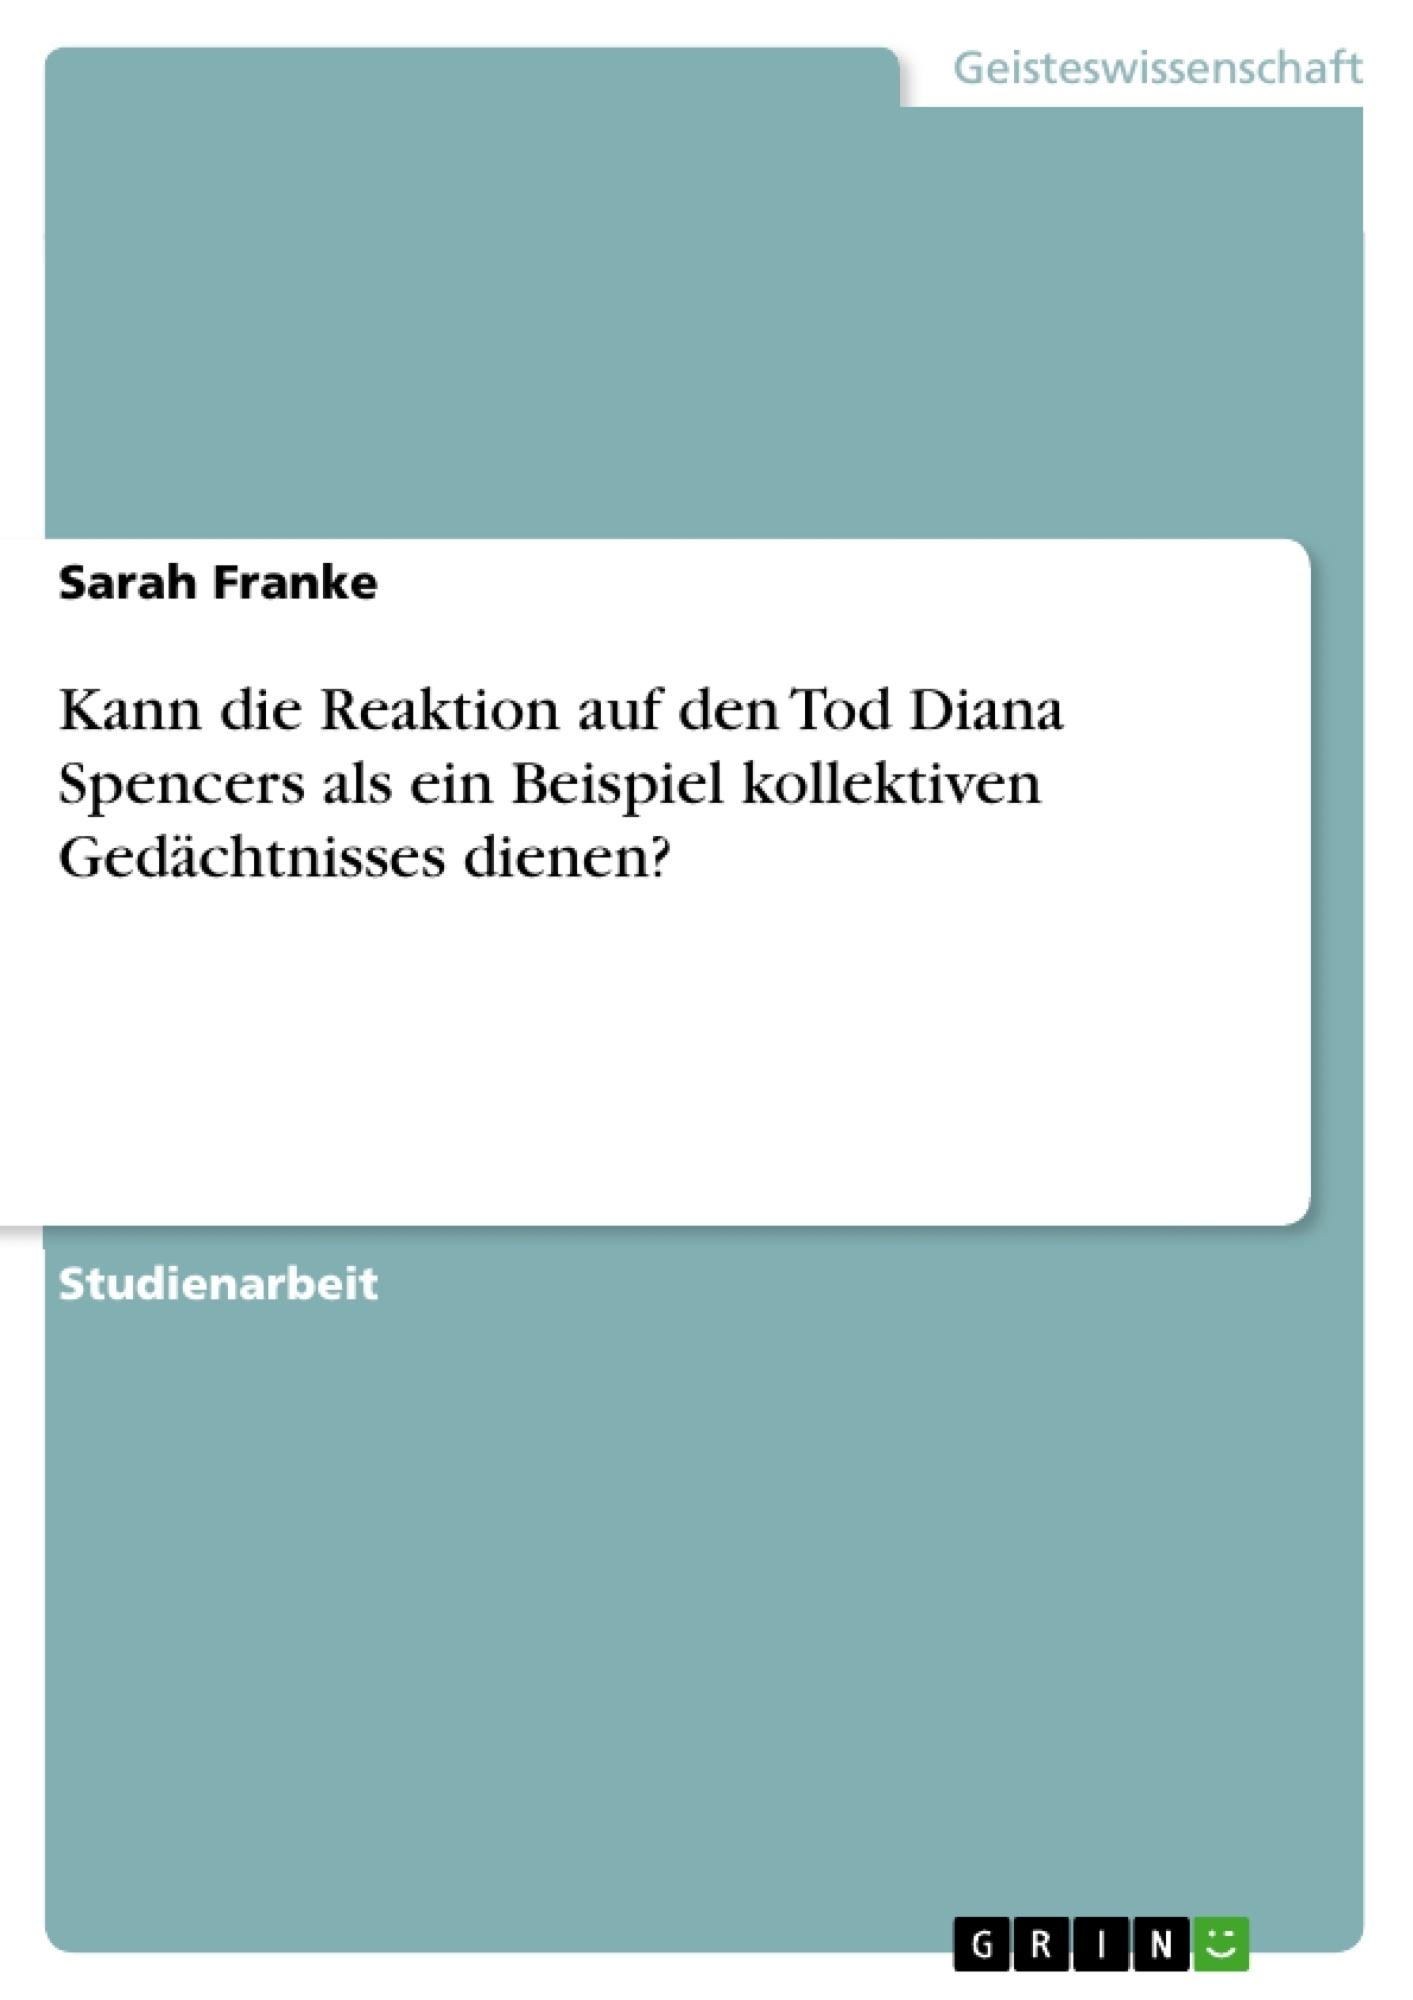 Titel: Kann die Reaktion auf den Tod Diana Spencers als ein Beispiel kollektiven Gedächtnisses dienen?